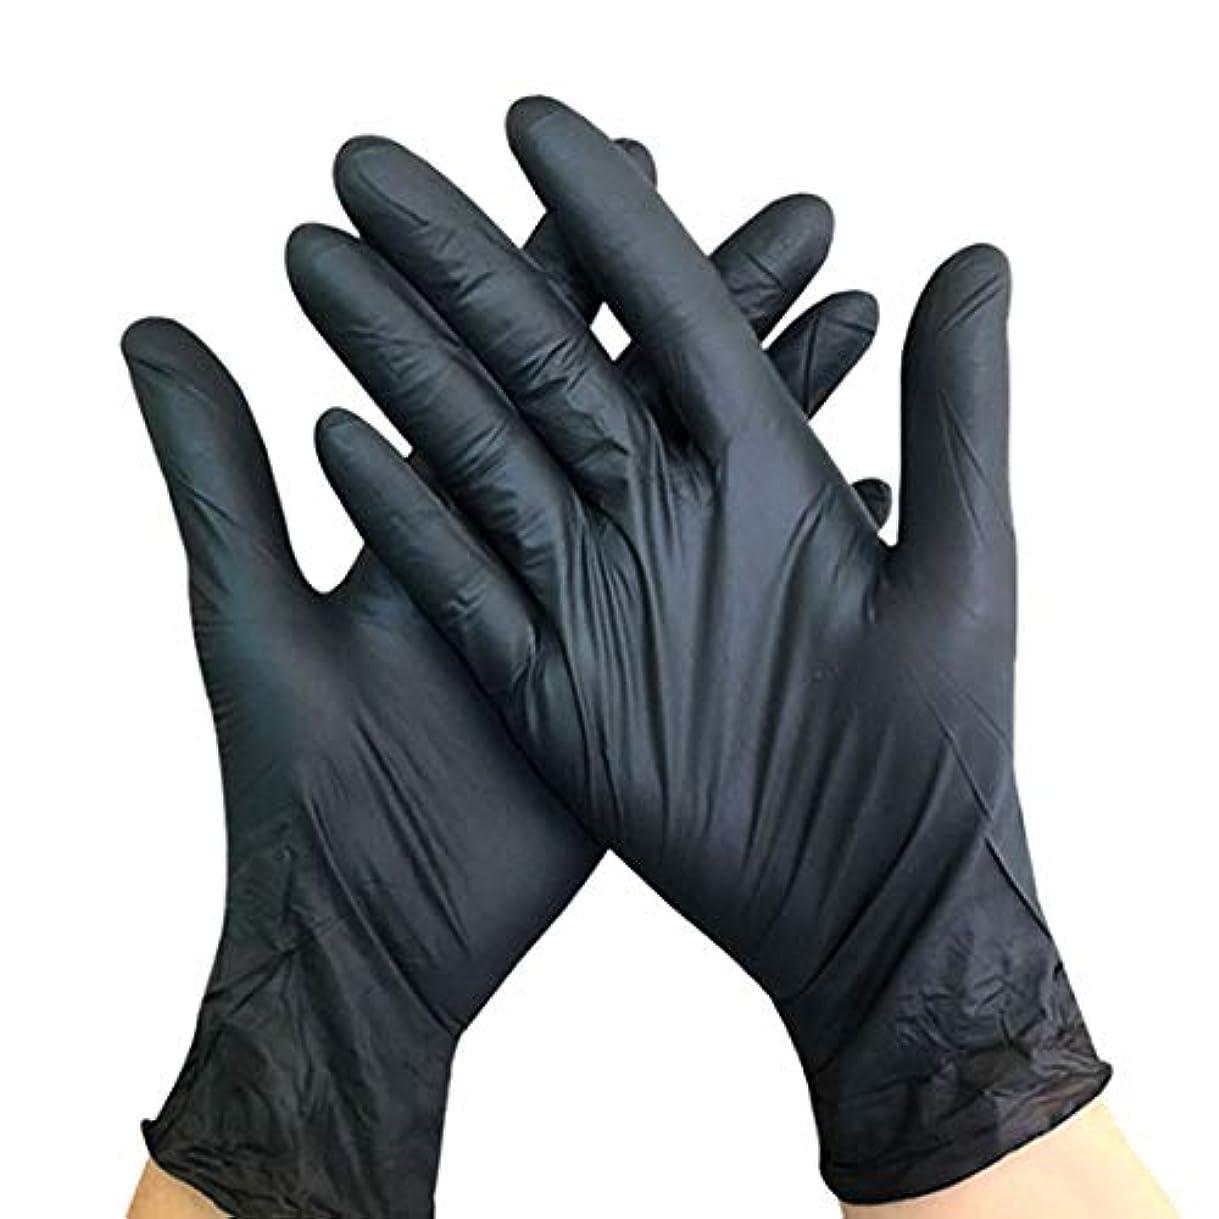 クレーター純粋なパラシュートYuena Care 使い捨て手袋 100枚入 ニトリルグローブ 粉なし 作業手袋 耐油 料理 掃除 衛生 工業用 医療用 美容用 レストラン用 左右兼用 L